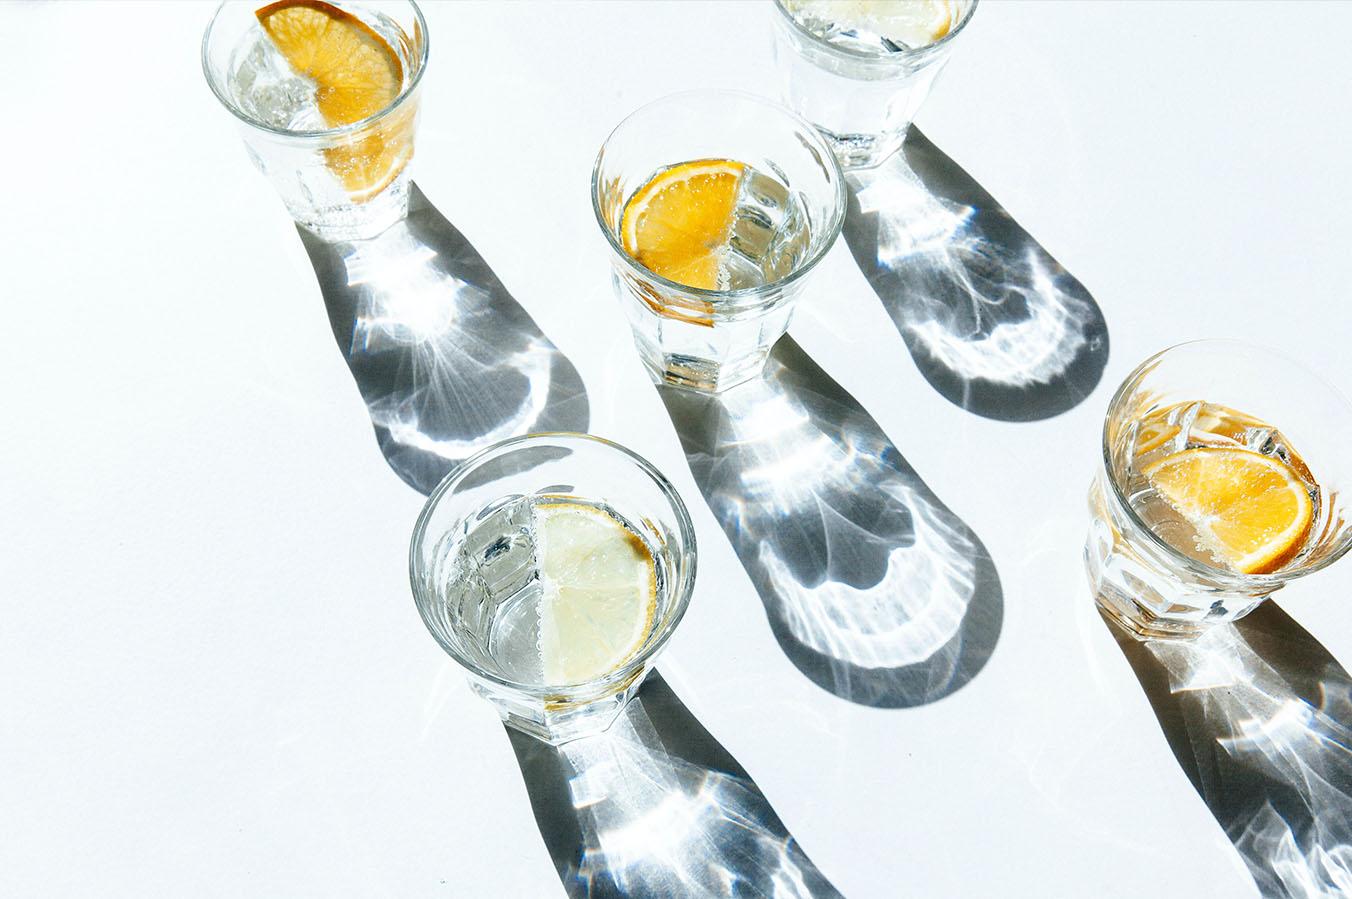 Jak správný pitný režim ovlivňuje náš organismus?